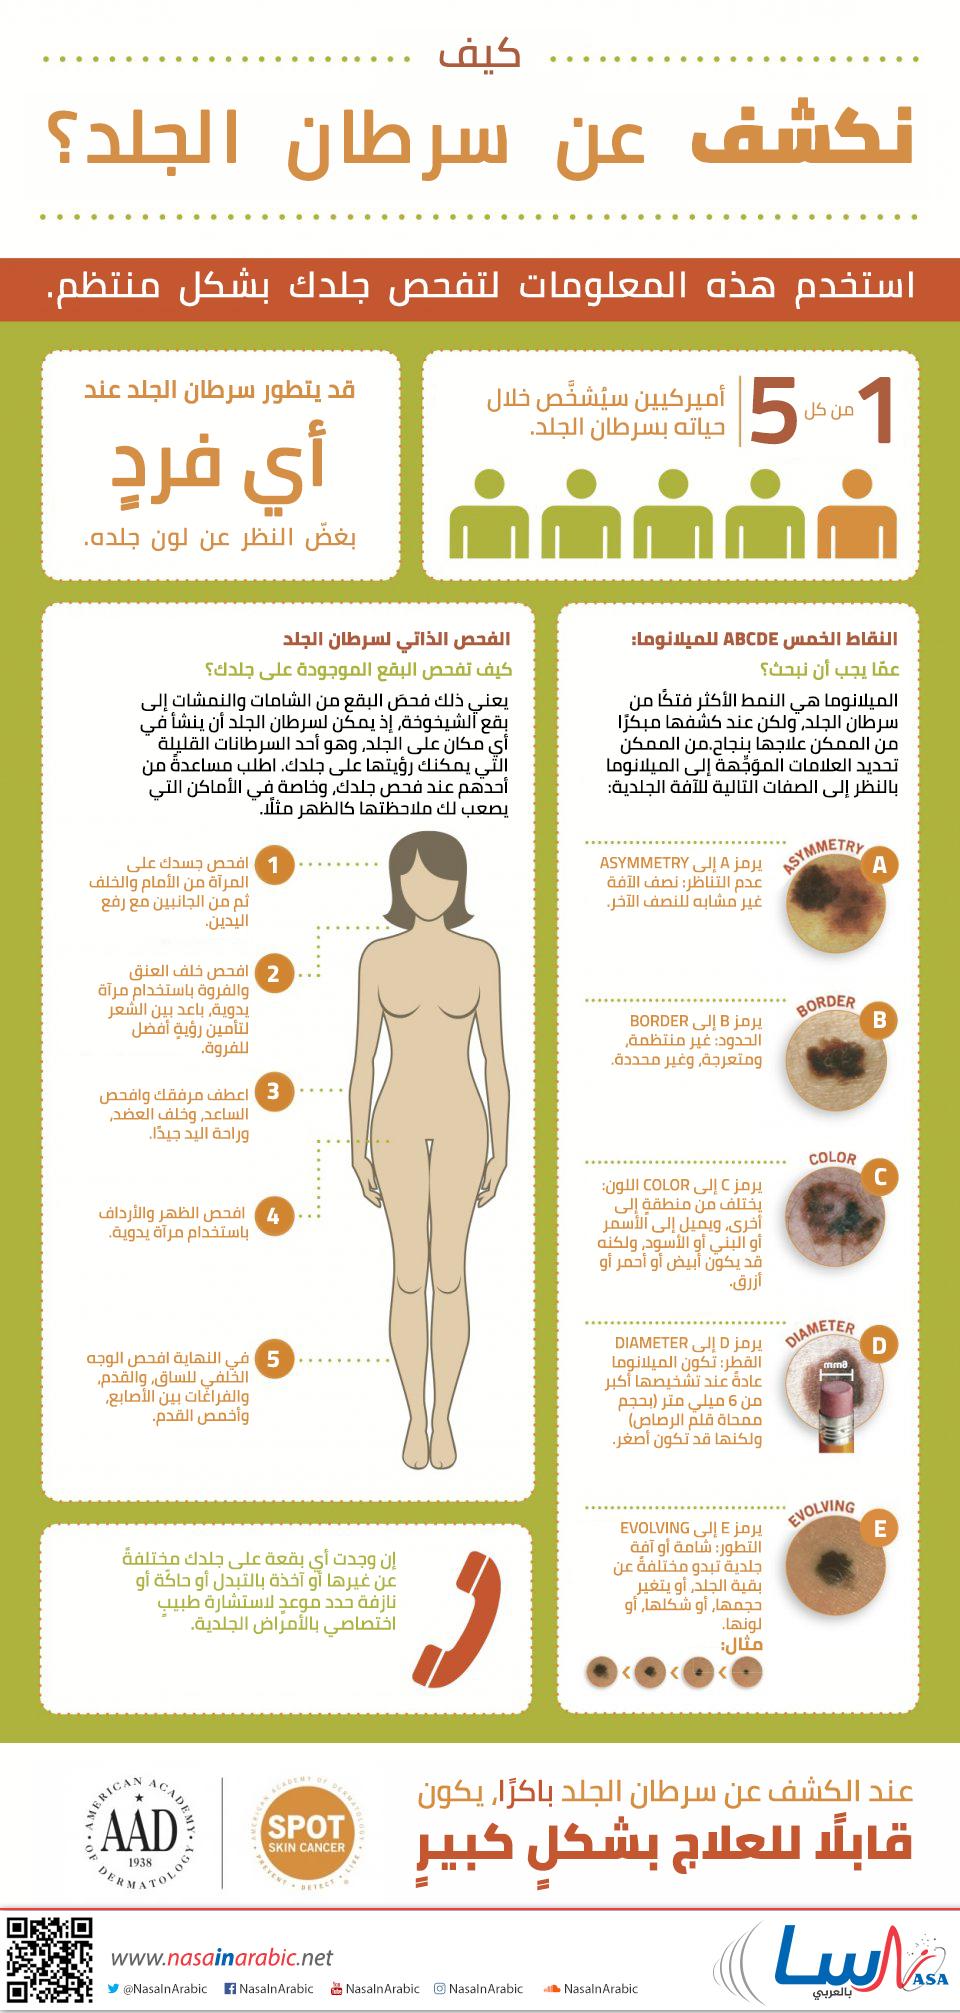 كيف نكشف عن سرطان الجلد؟